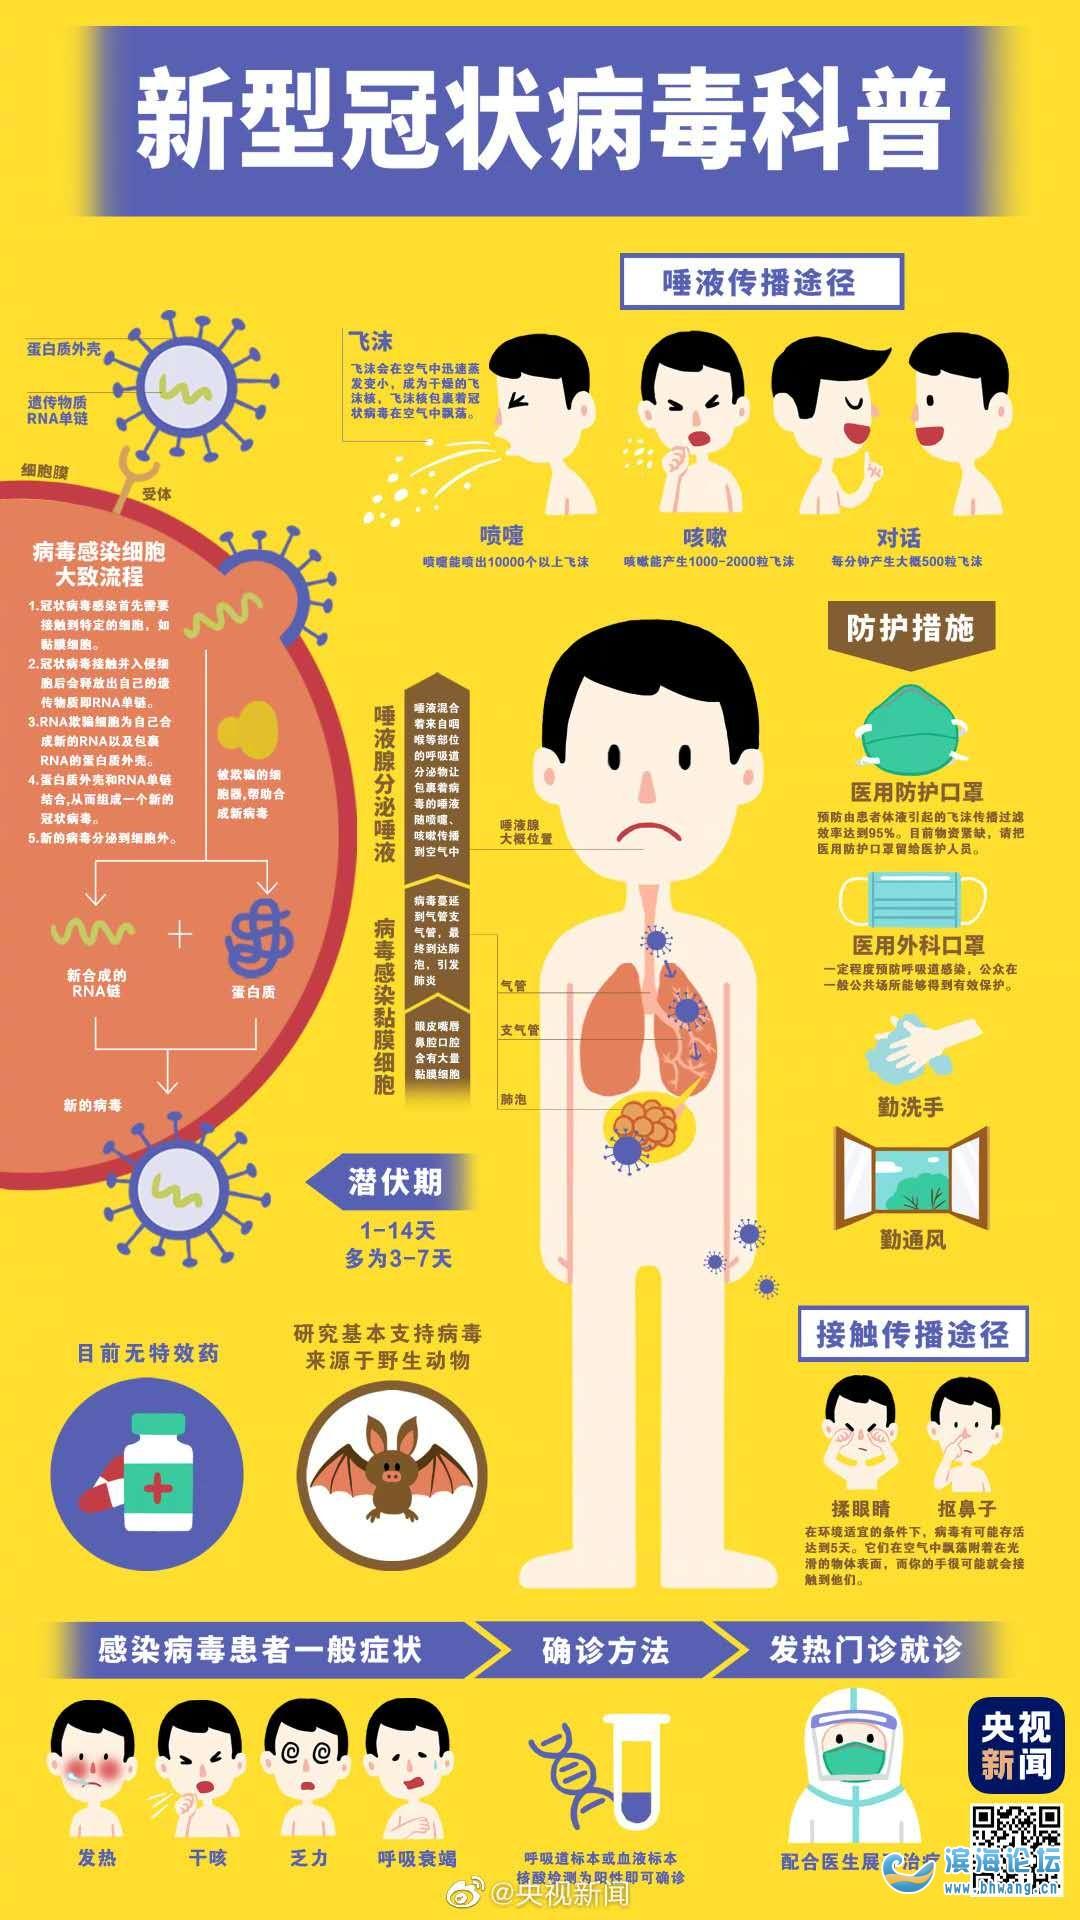 科普贴:一张图看懂新型冠状病毒